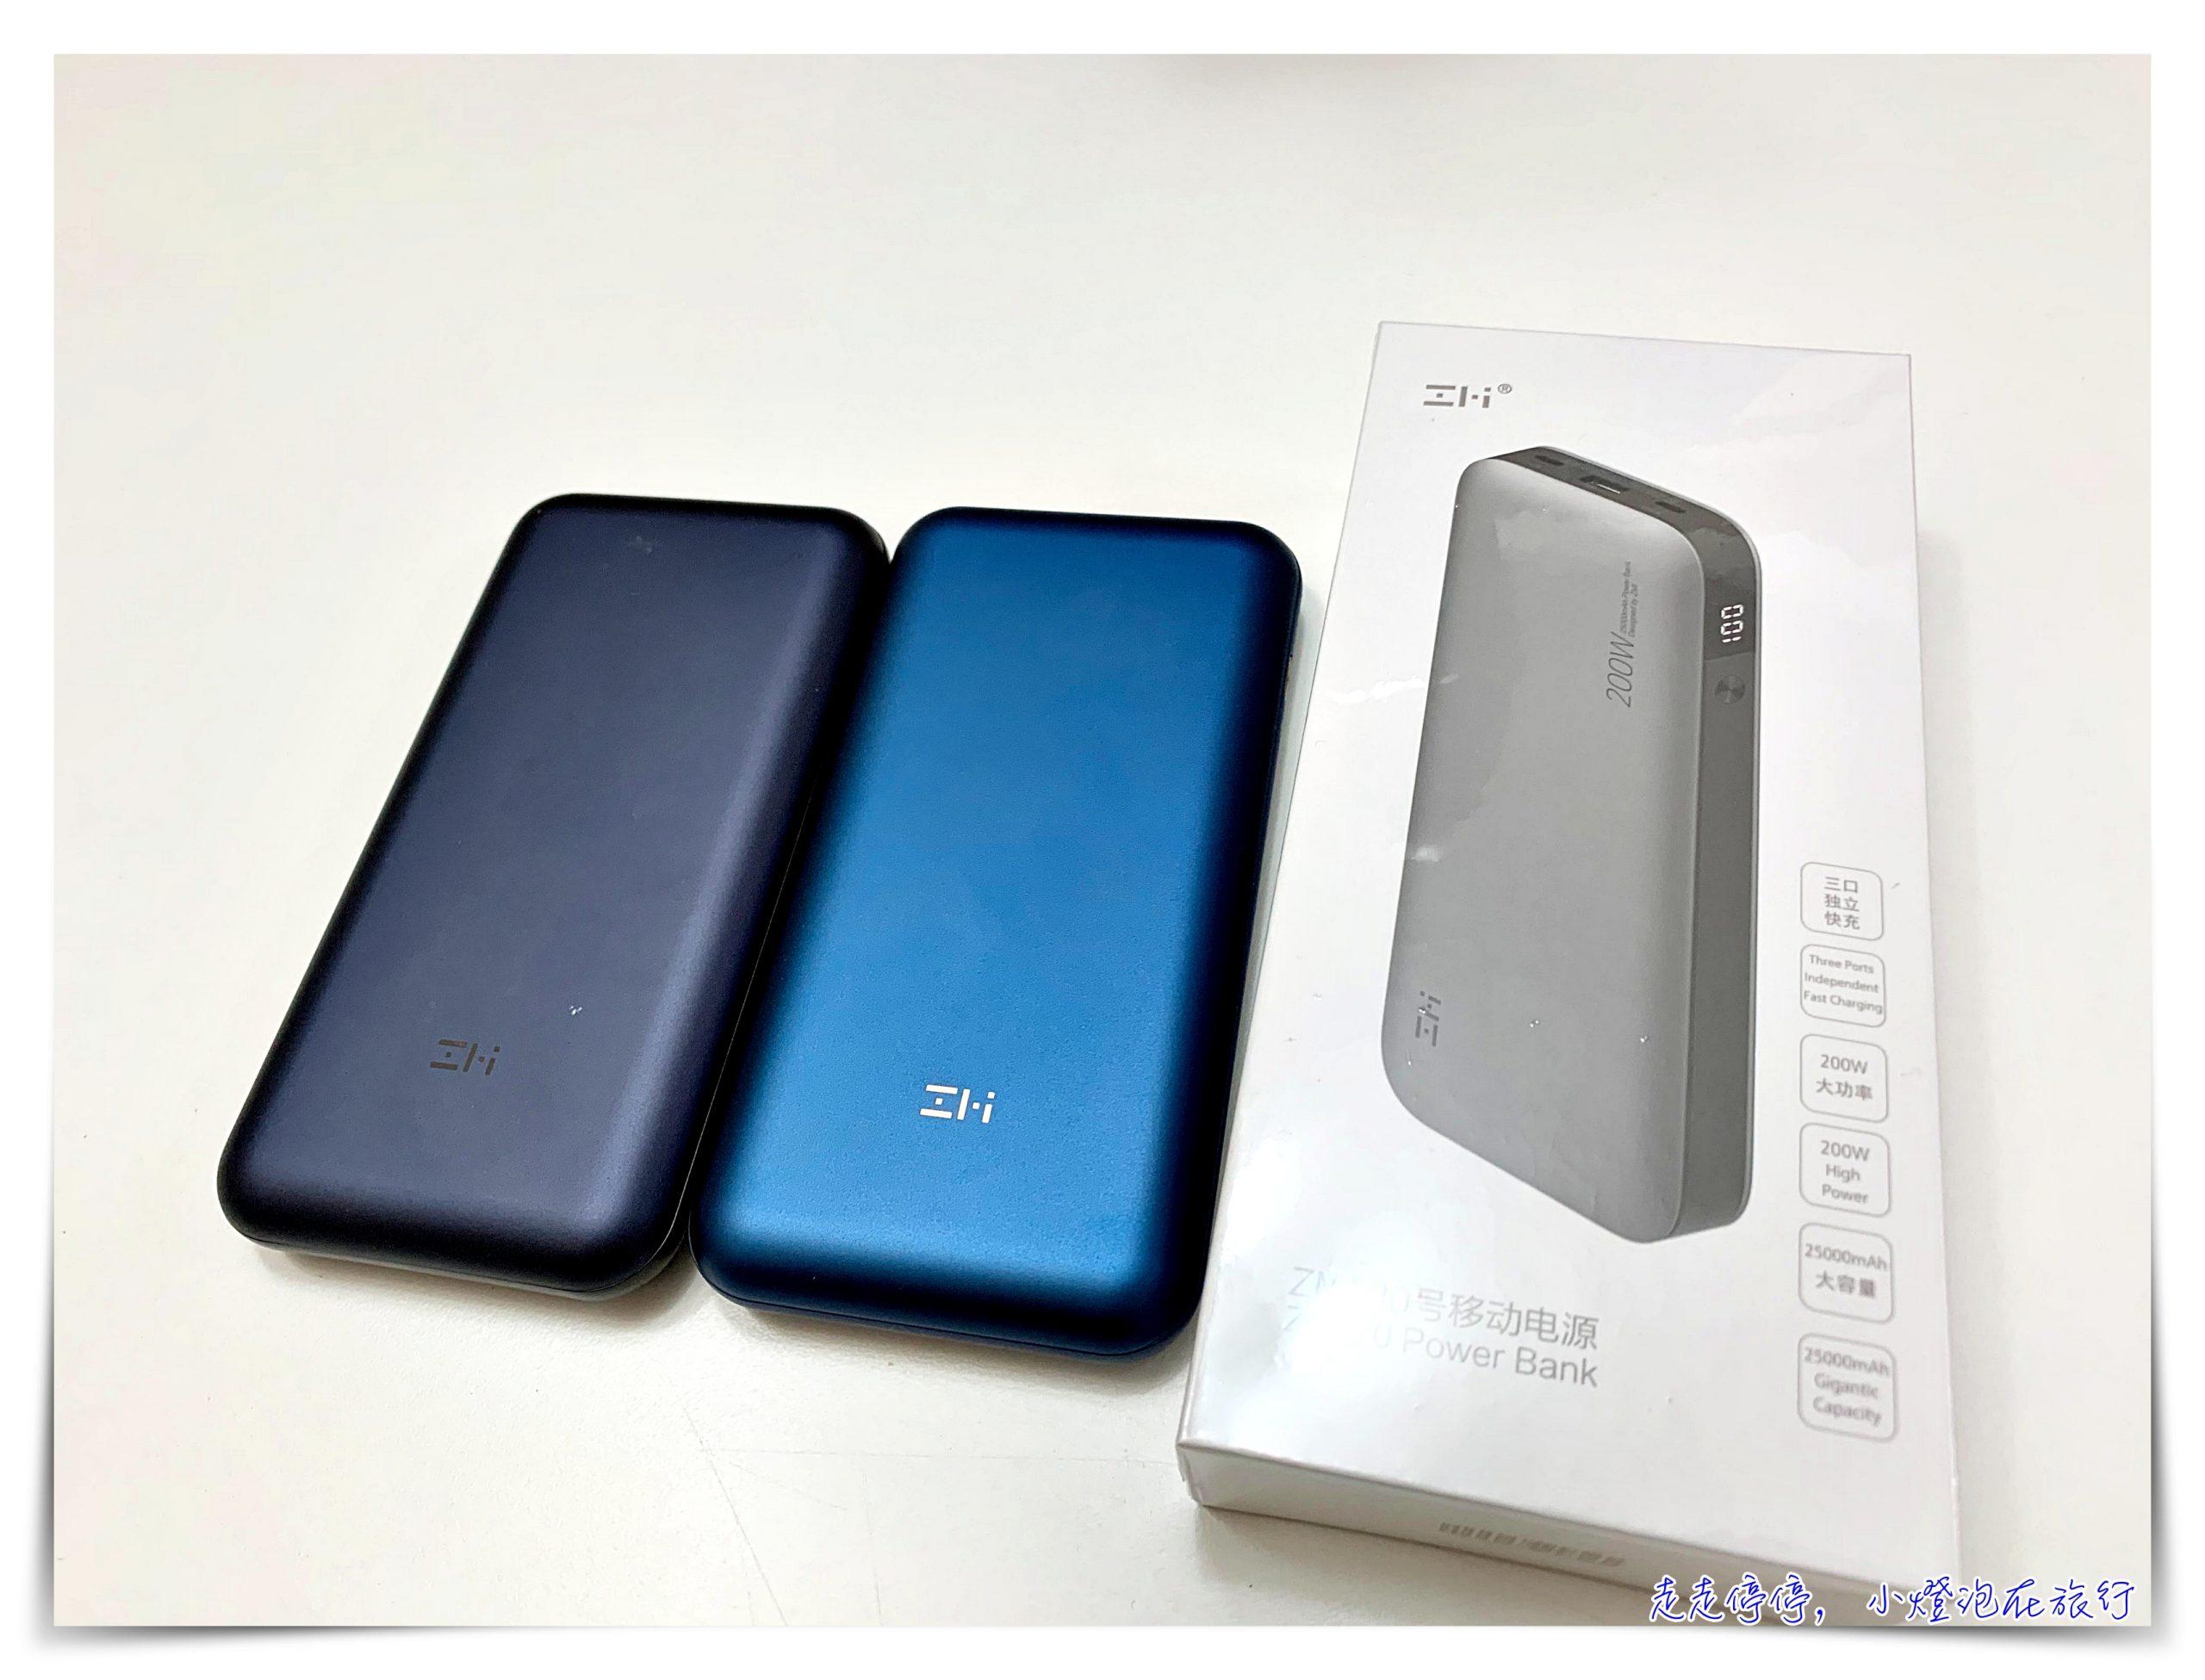 紫米 ZMI 20 號行動電源   25000mAh 大容量、總輸出功率達200W、可充兩台Macbook pro